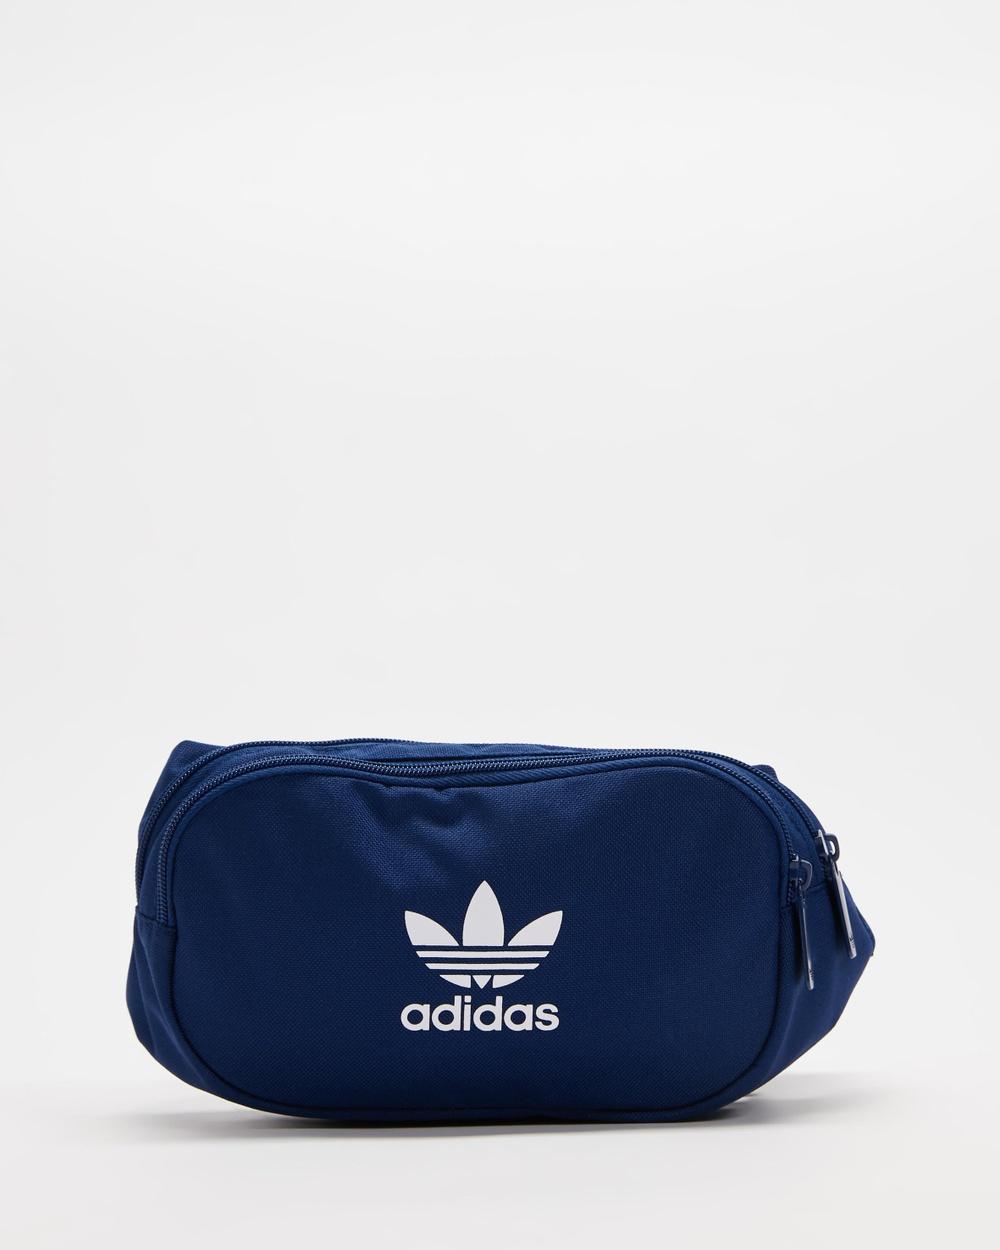 adidas Originals Adicolour Webbing Waistbag Bum Bags Victory Blue & White